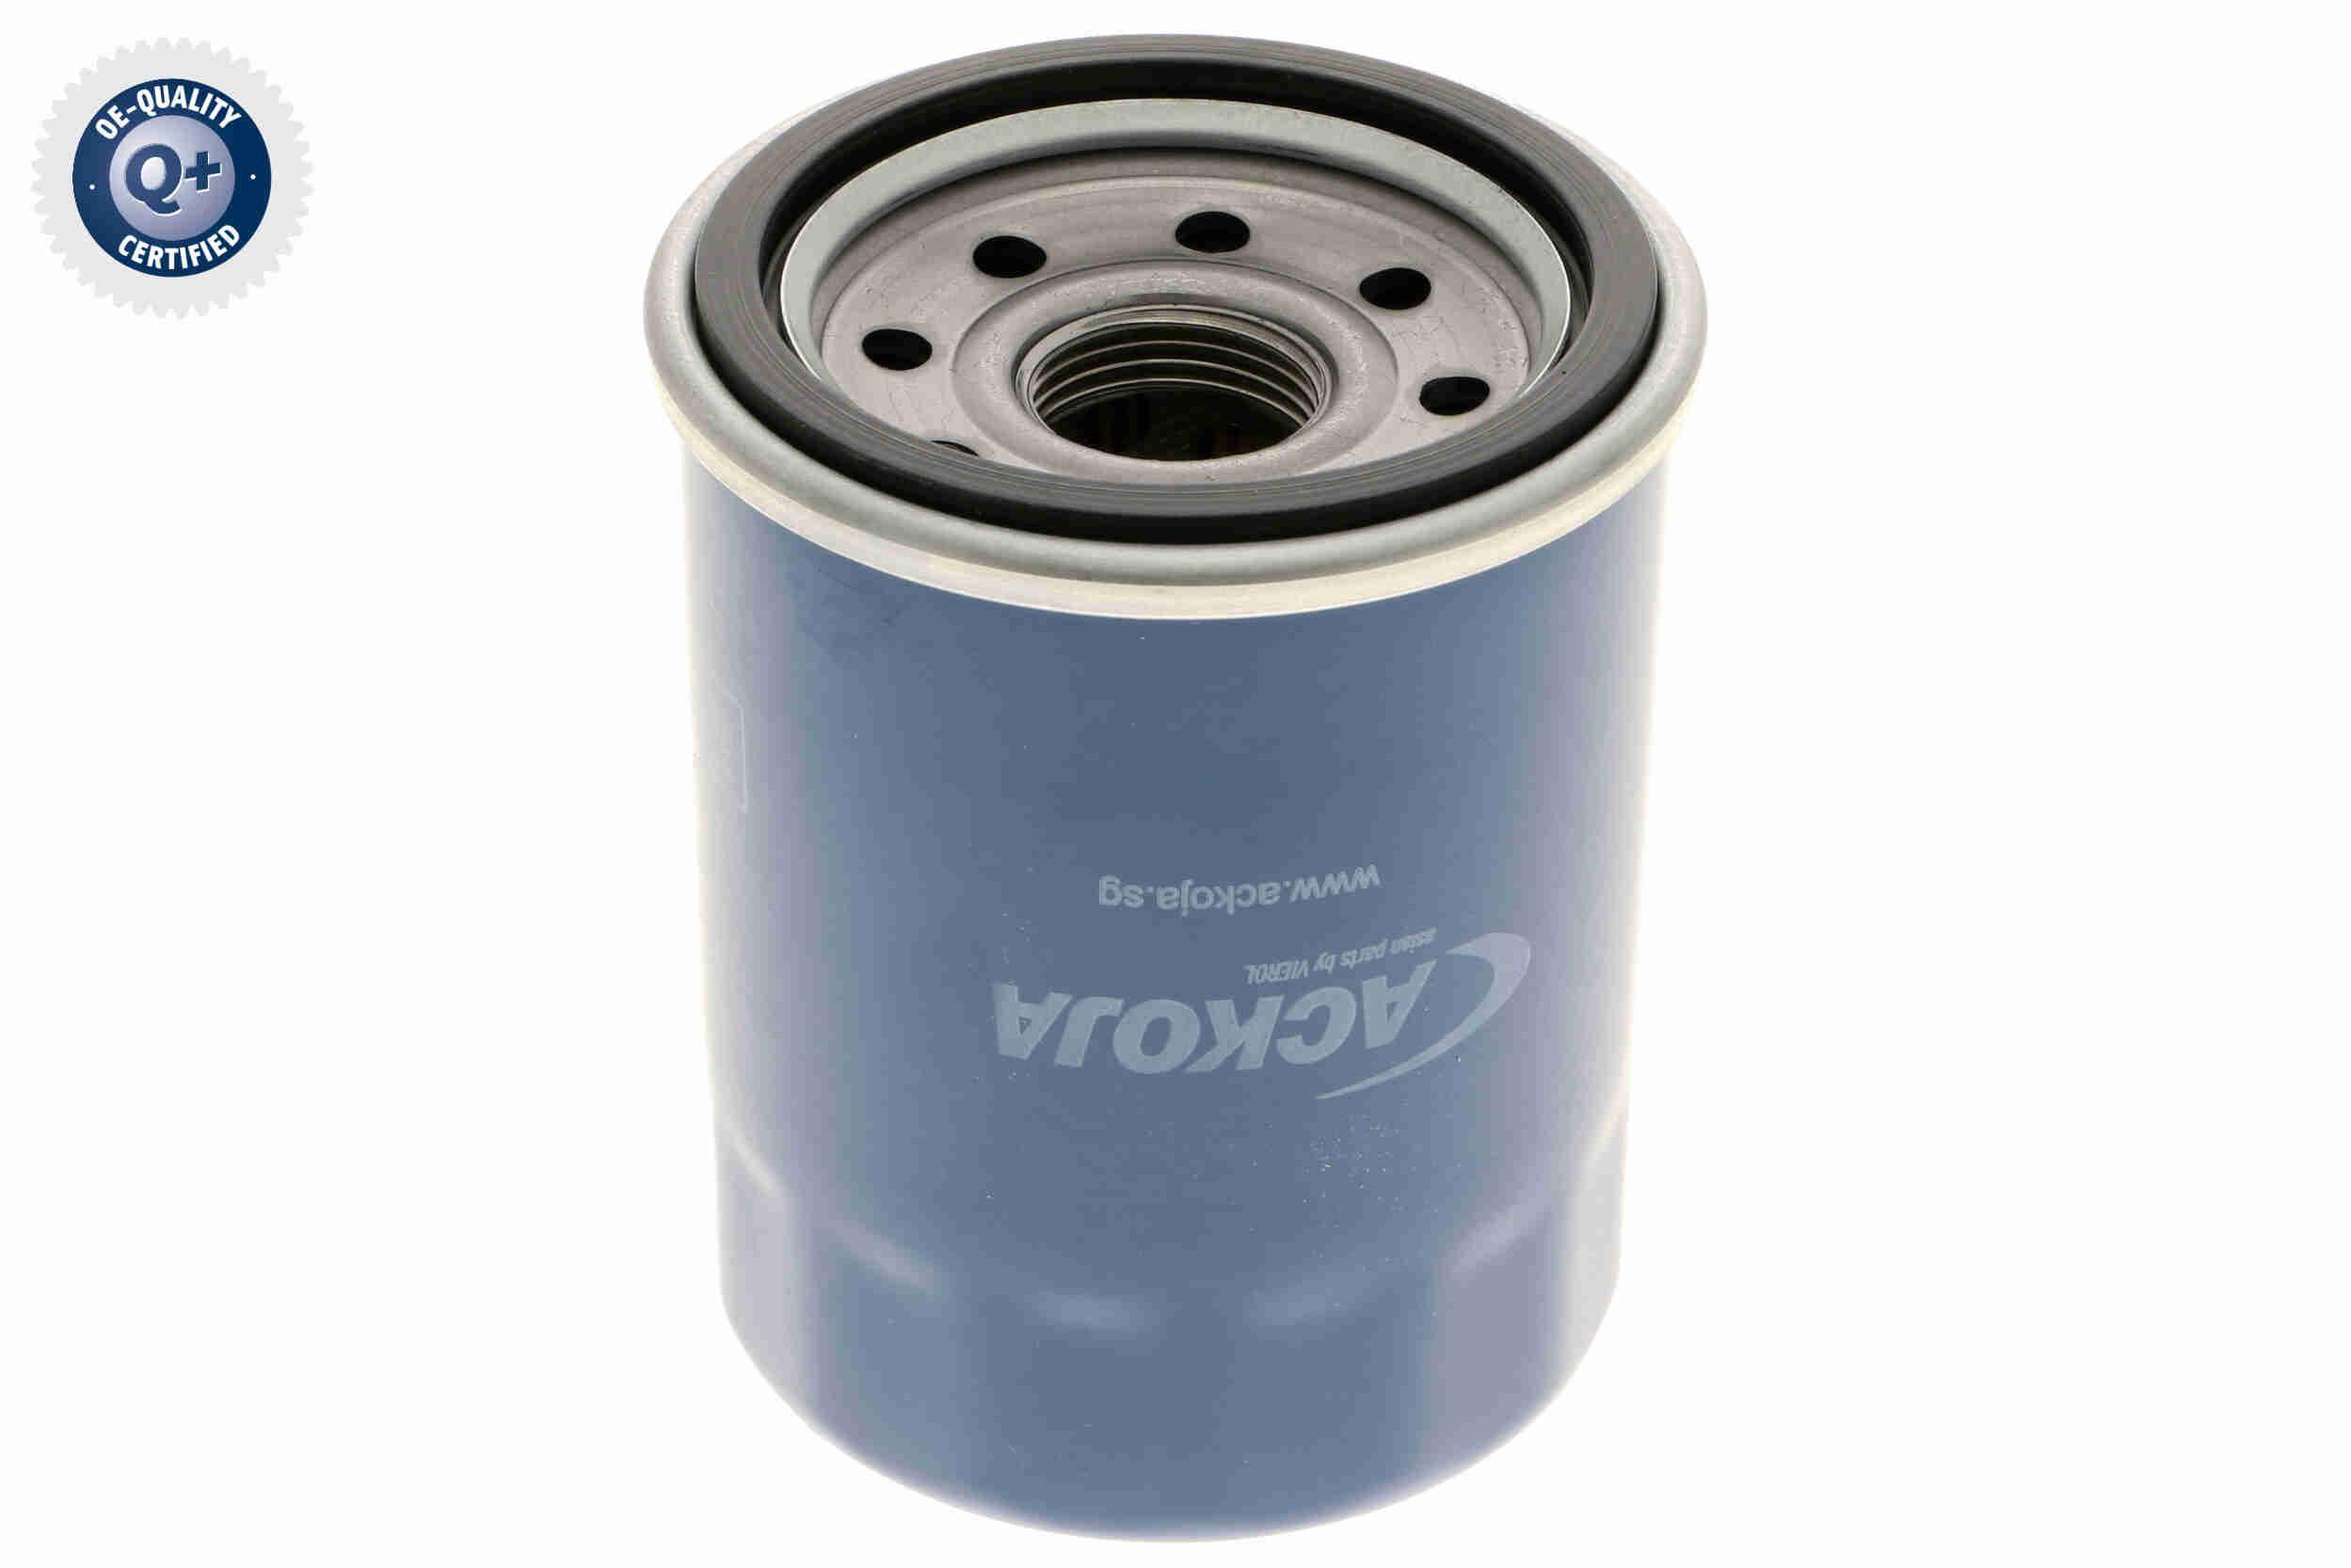 A26-0500 ACKOJA Anschraubfilter Ölfilter A26-0500 günstig kaufen